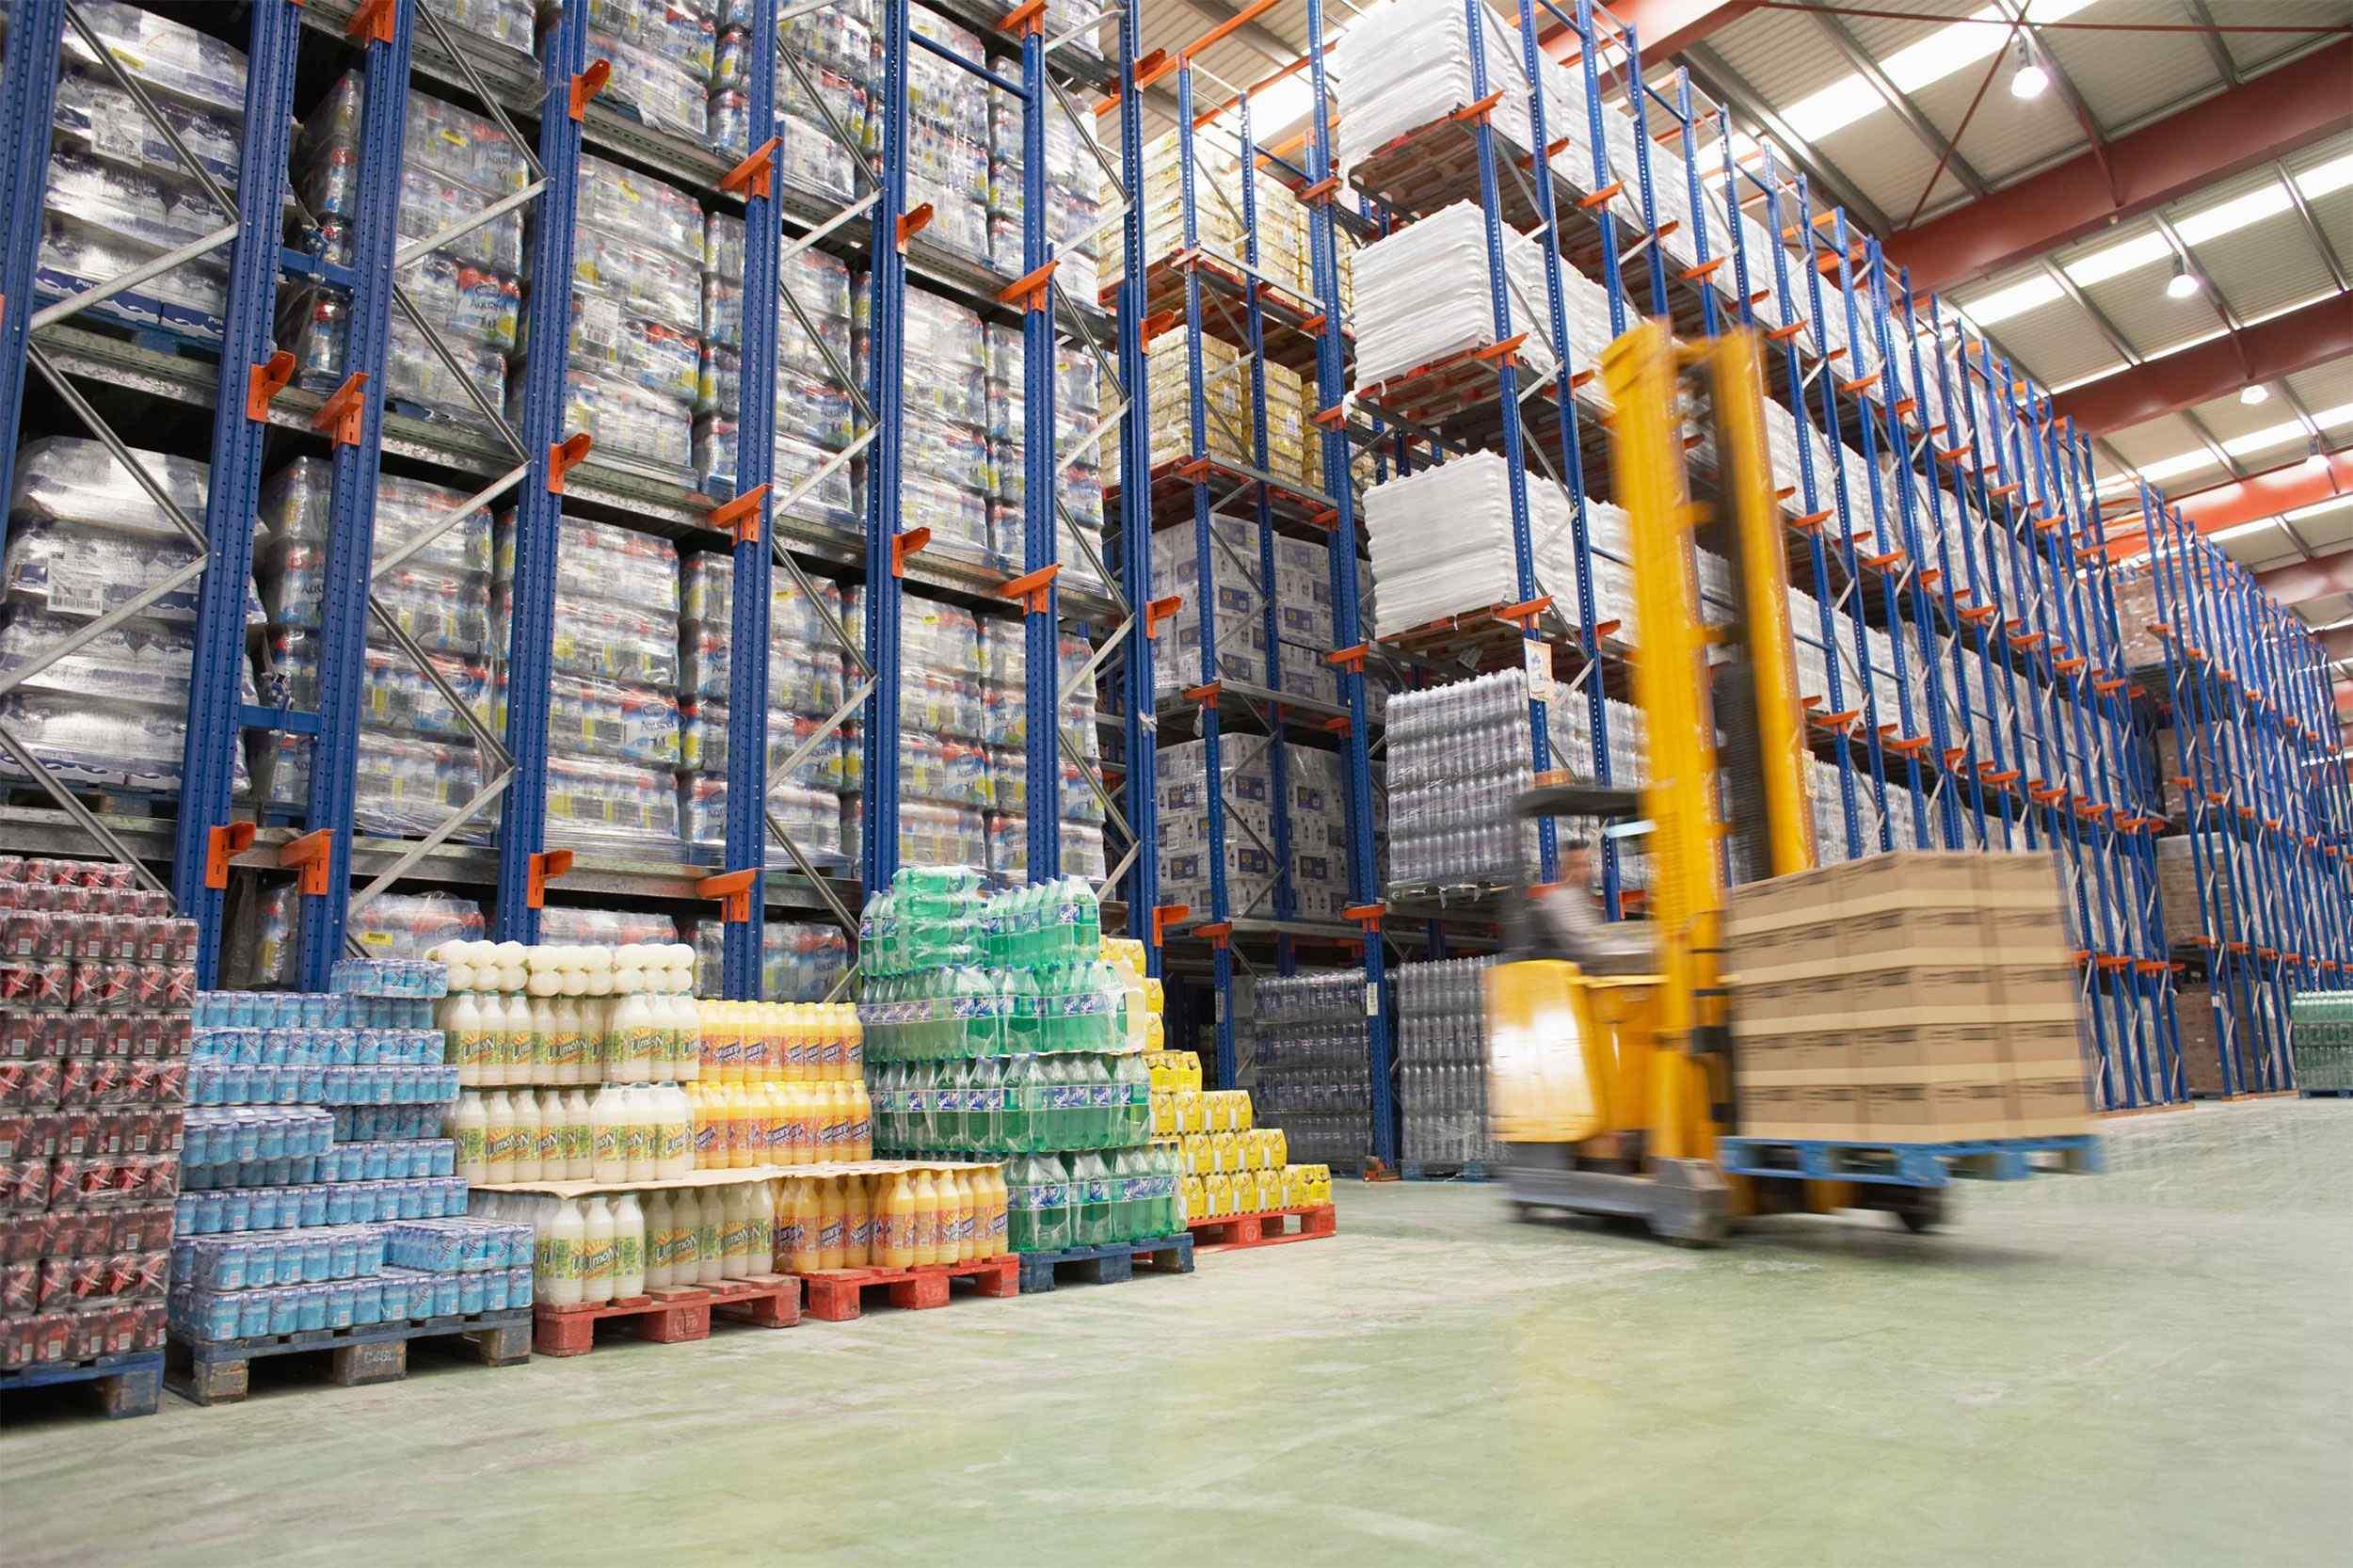 https://hakanfoods.com.tr/wp-content/uploads/2015/09/Warehouse-and-lifter.jpg